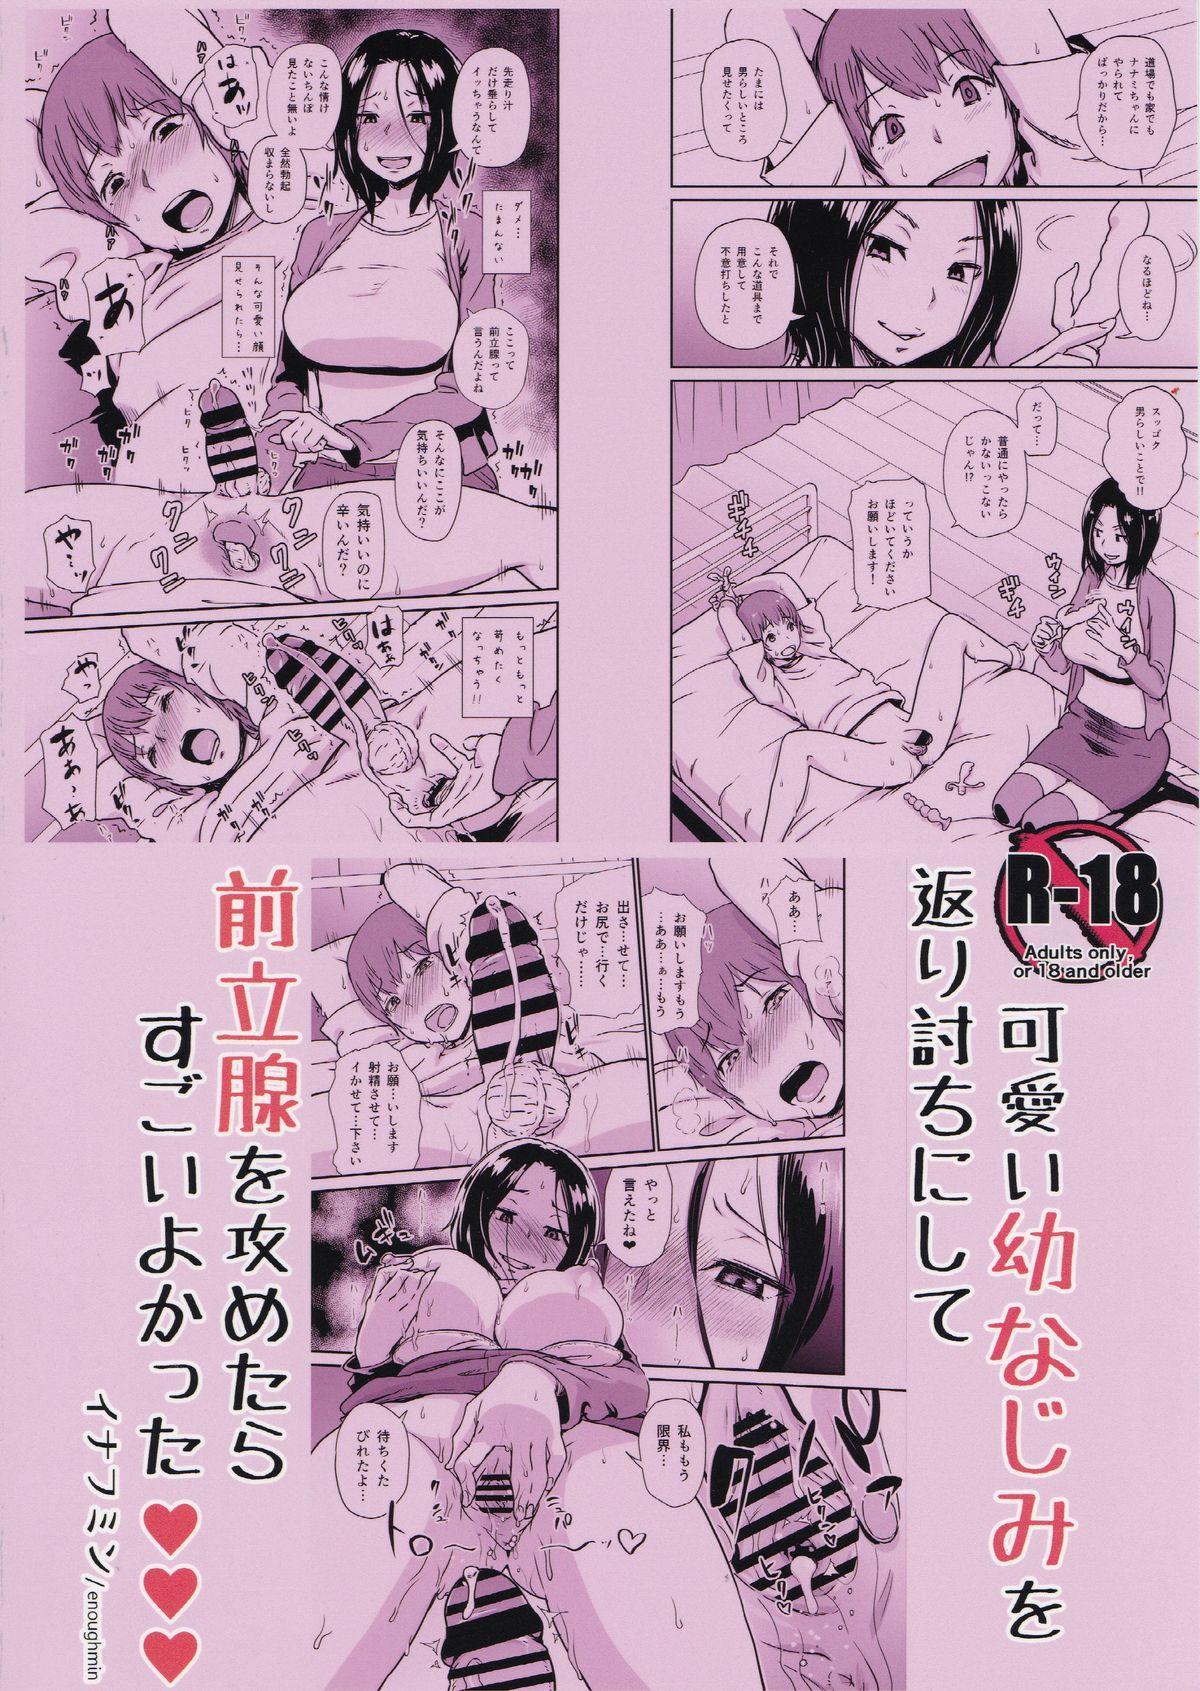 Kawaii Osananajimi wo Kaeriuchi ni shite Zenritsusen wo Semetara Sugoi Yokatta♥♥♥ 23